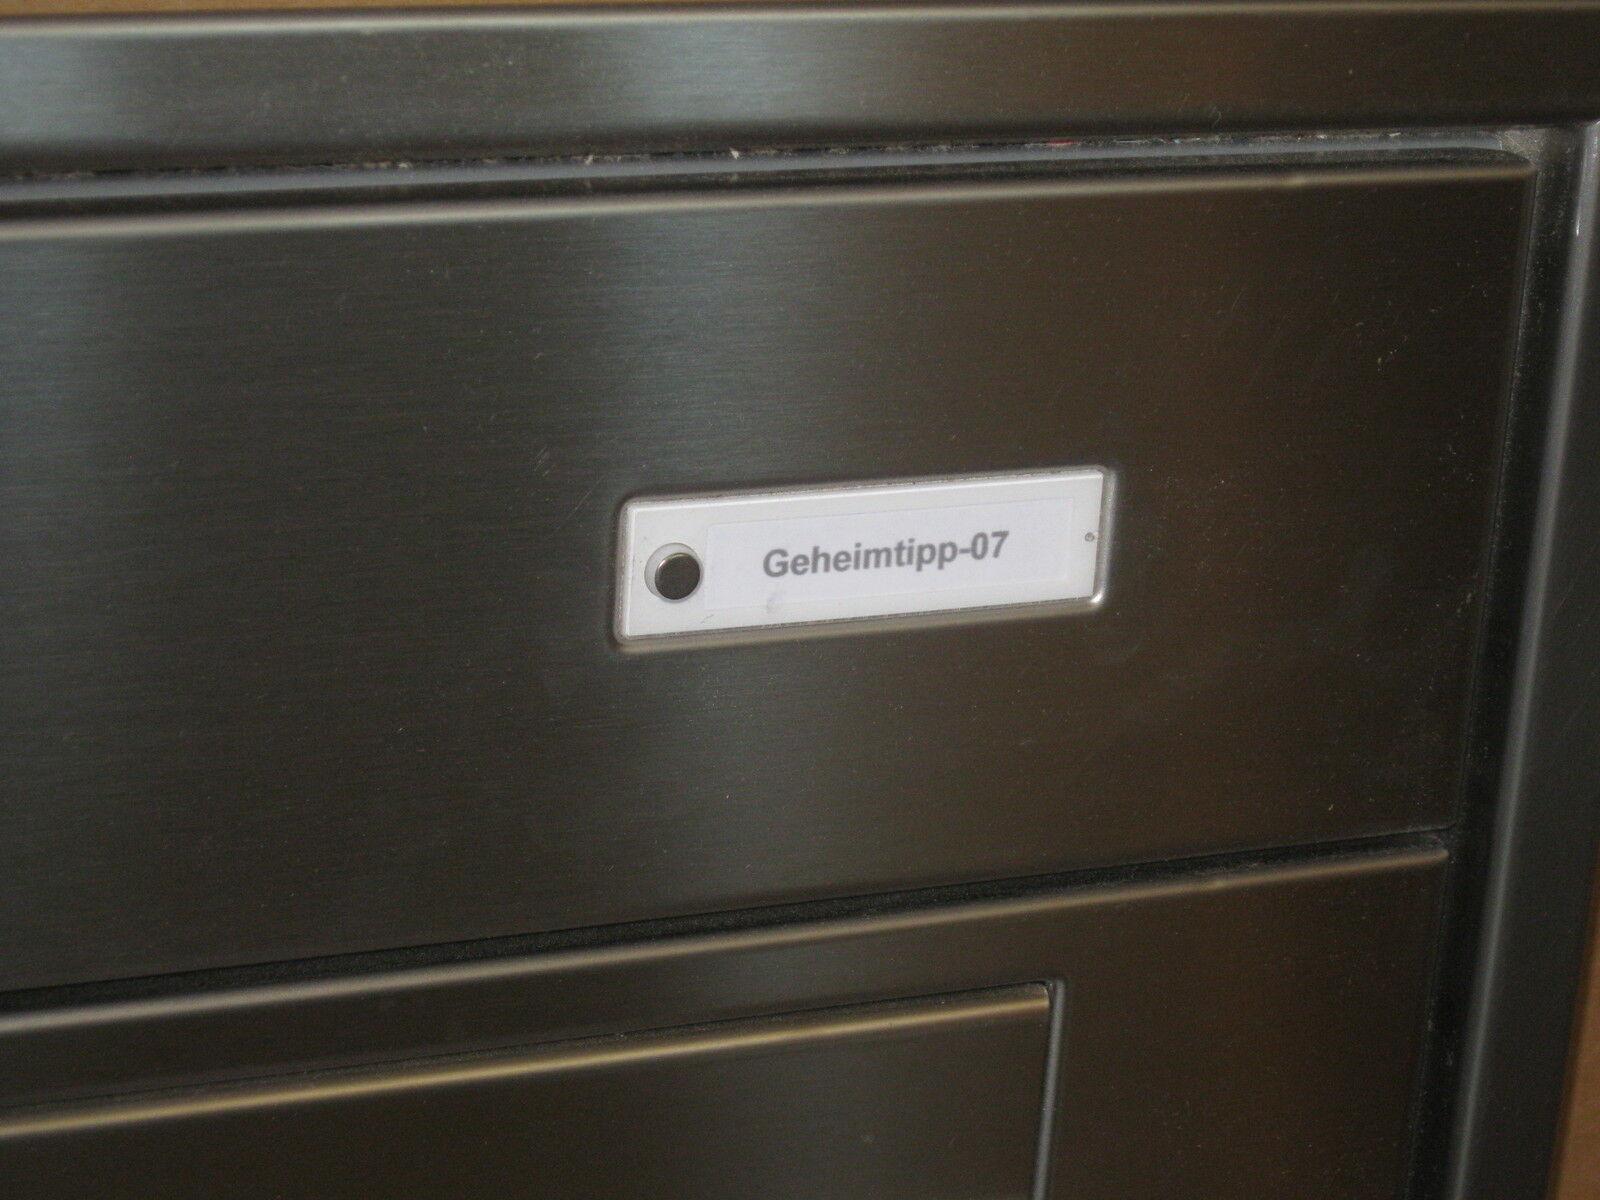 renz unterputz biefkastenanlage in edelstahl wandeinbau klingel briefkasten eur 780 00. Black Bedroom Furniture Sets. Home Design Ideas